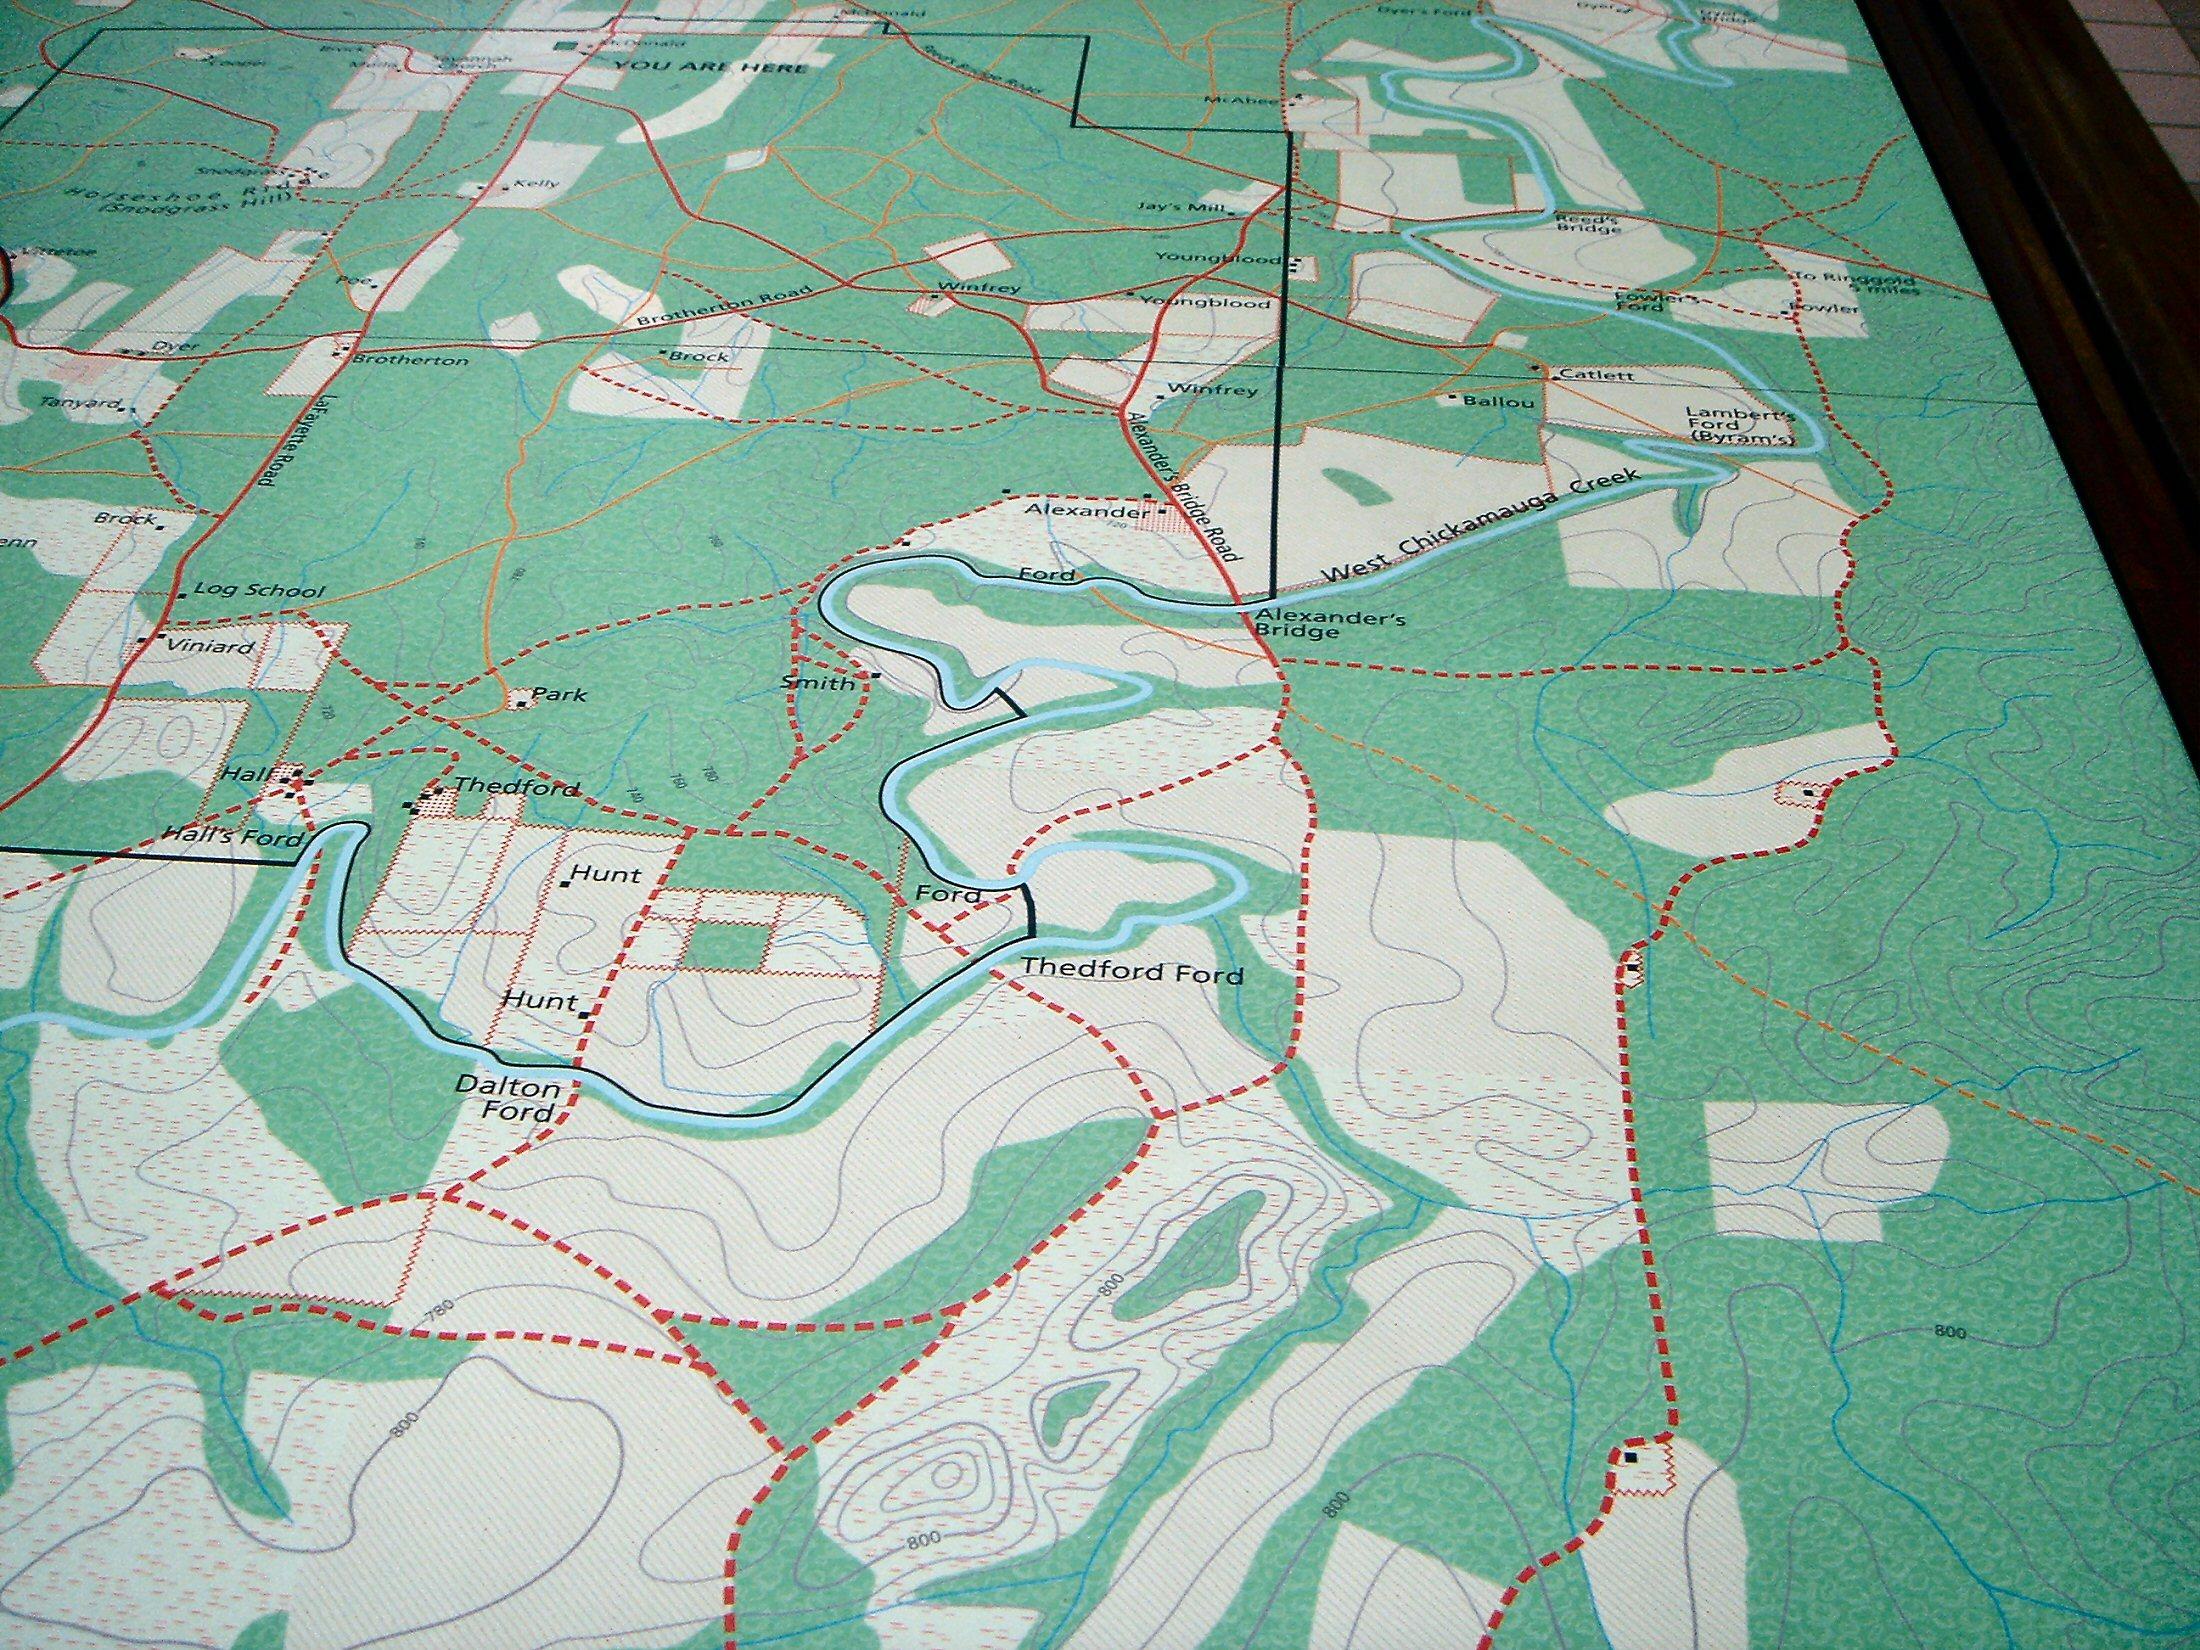 Battle Of Chickamauga Map - Battle of chickamauga map